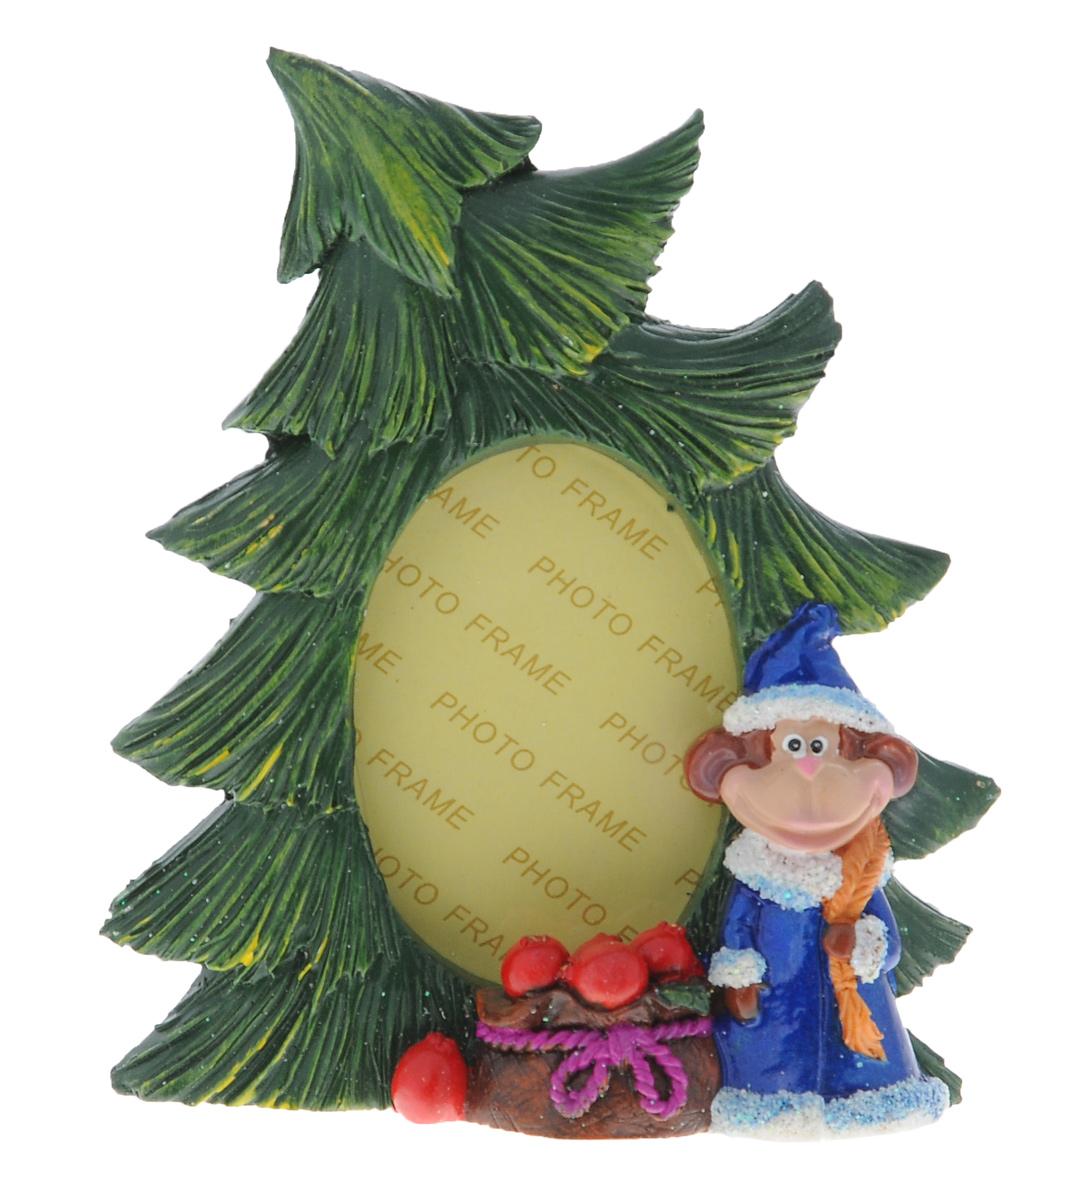 Фоторамка Sima-land Елочка с обезьянкой Снегурочкой, цвет: зеленый, синий, 8 см х 5 см фоторамка sima land под телефон цвет белый 10 см х 15 см